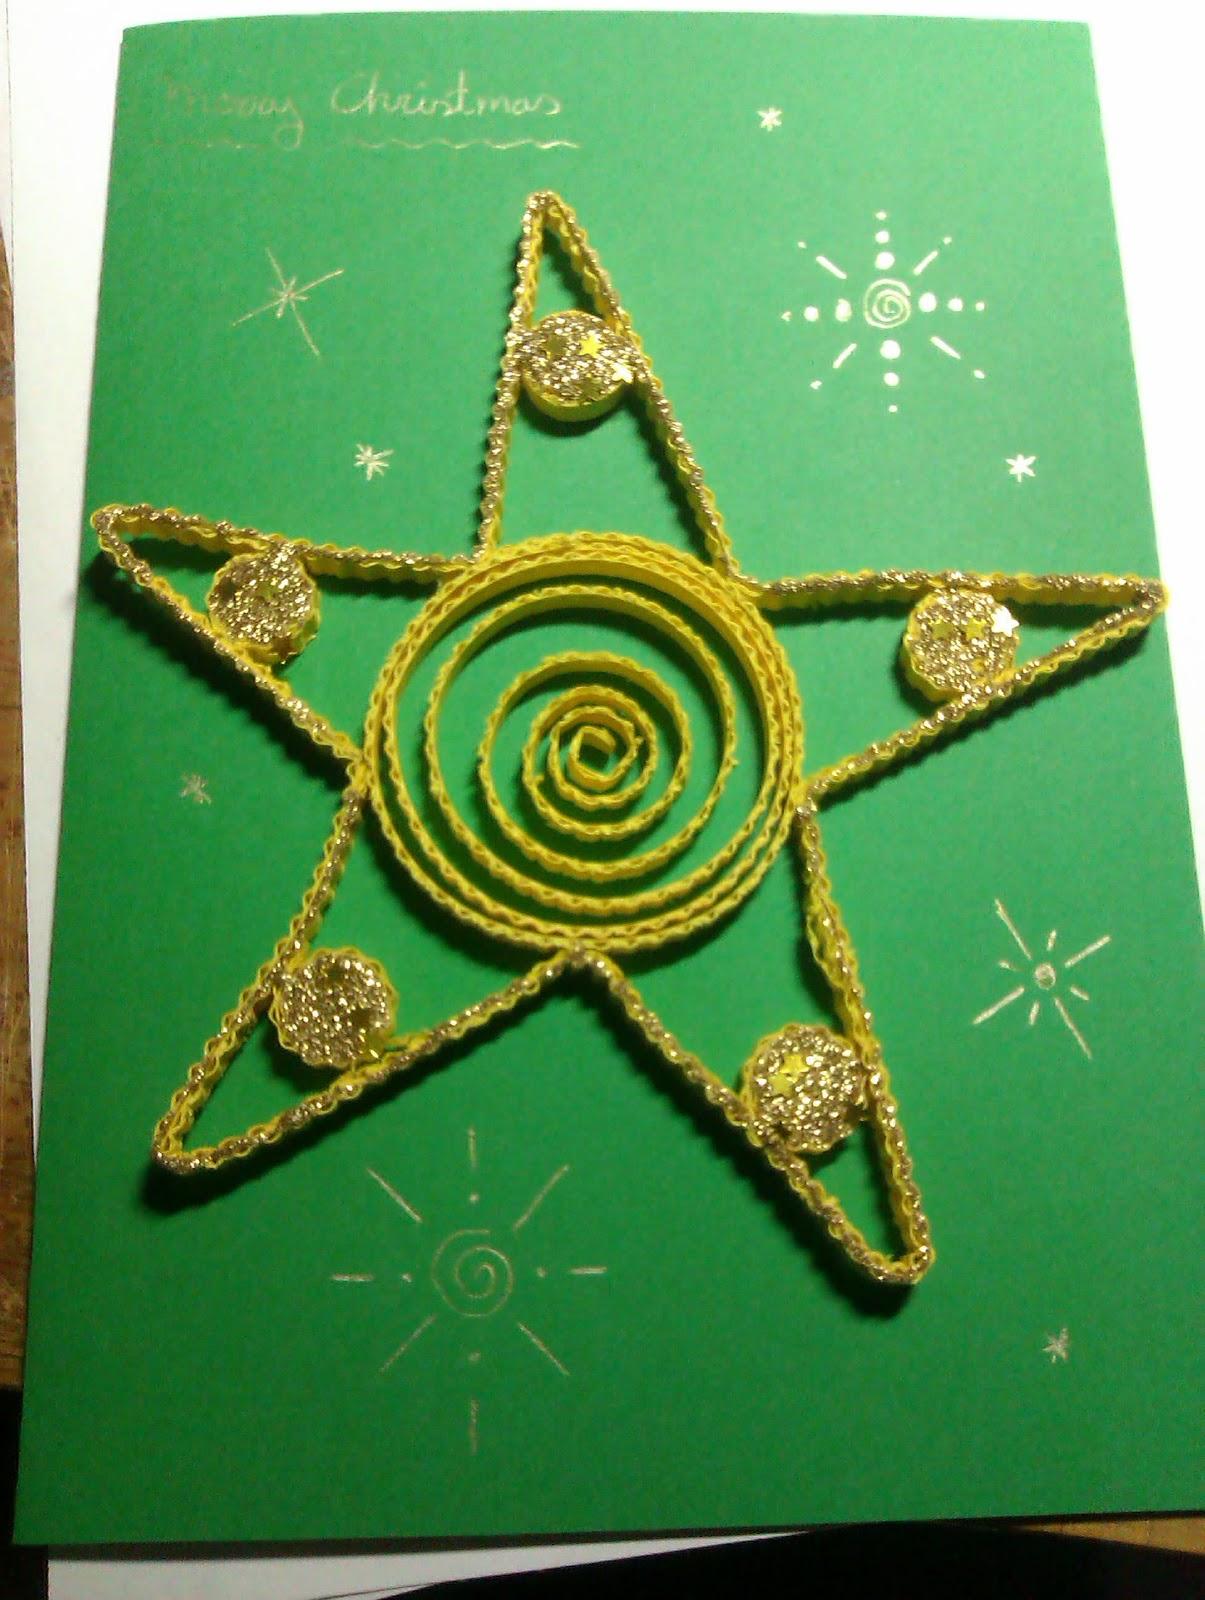 http://4.bp.blogspot.com/-lZnMlCG4HP0/UKwAihvtk3I/AAAAAAAADY4/YBrH6-33uBg/s1600/estrella+navidad.jpg